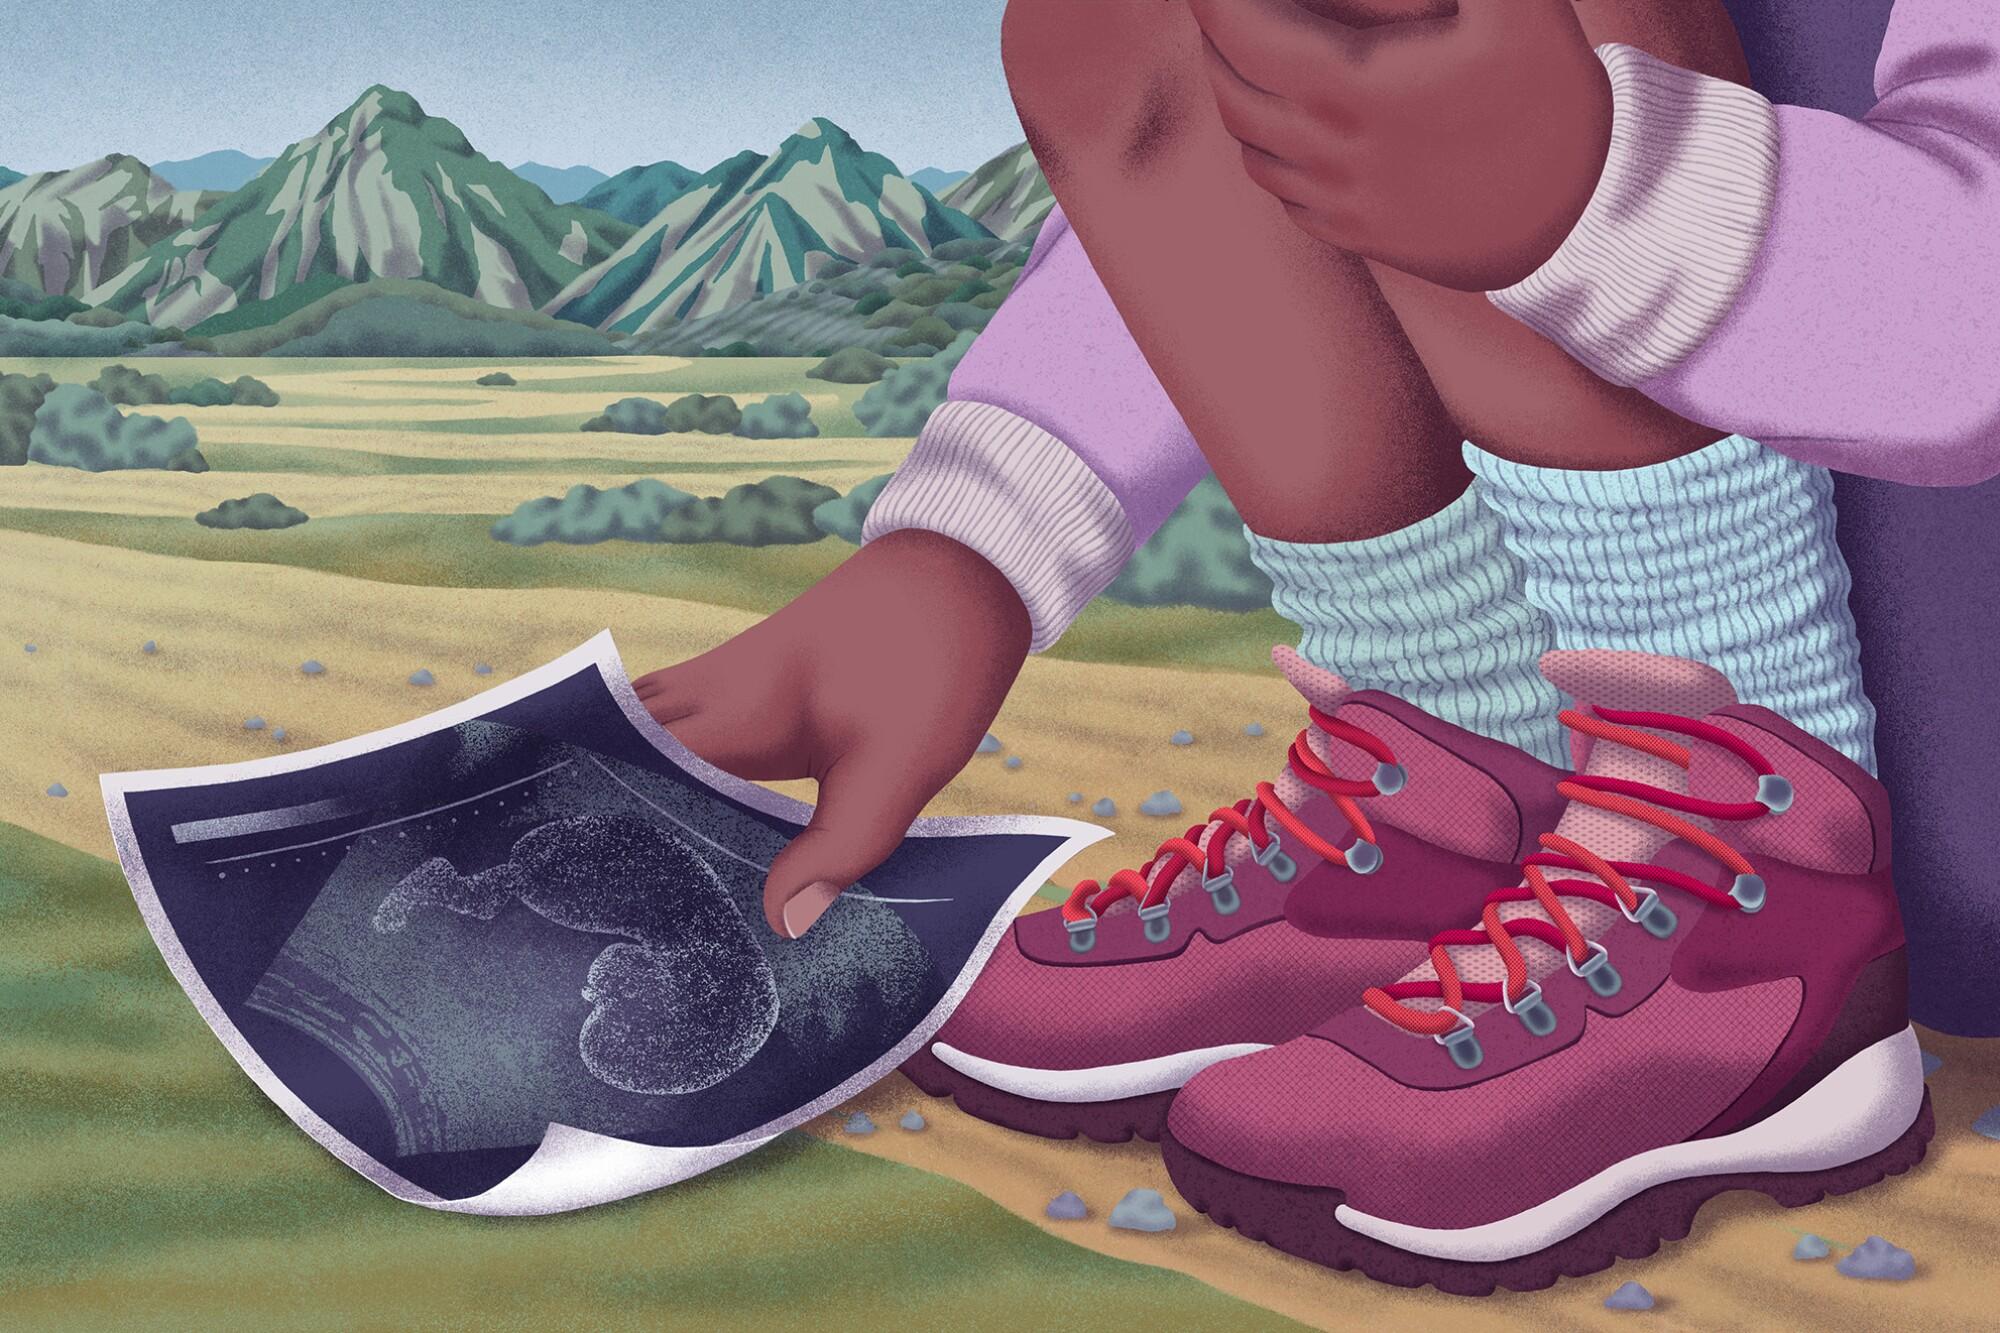 Illustration of a hiker